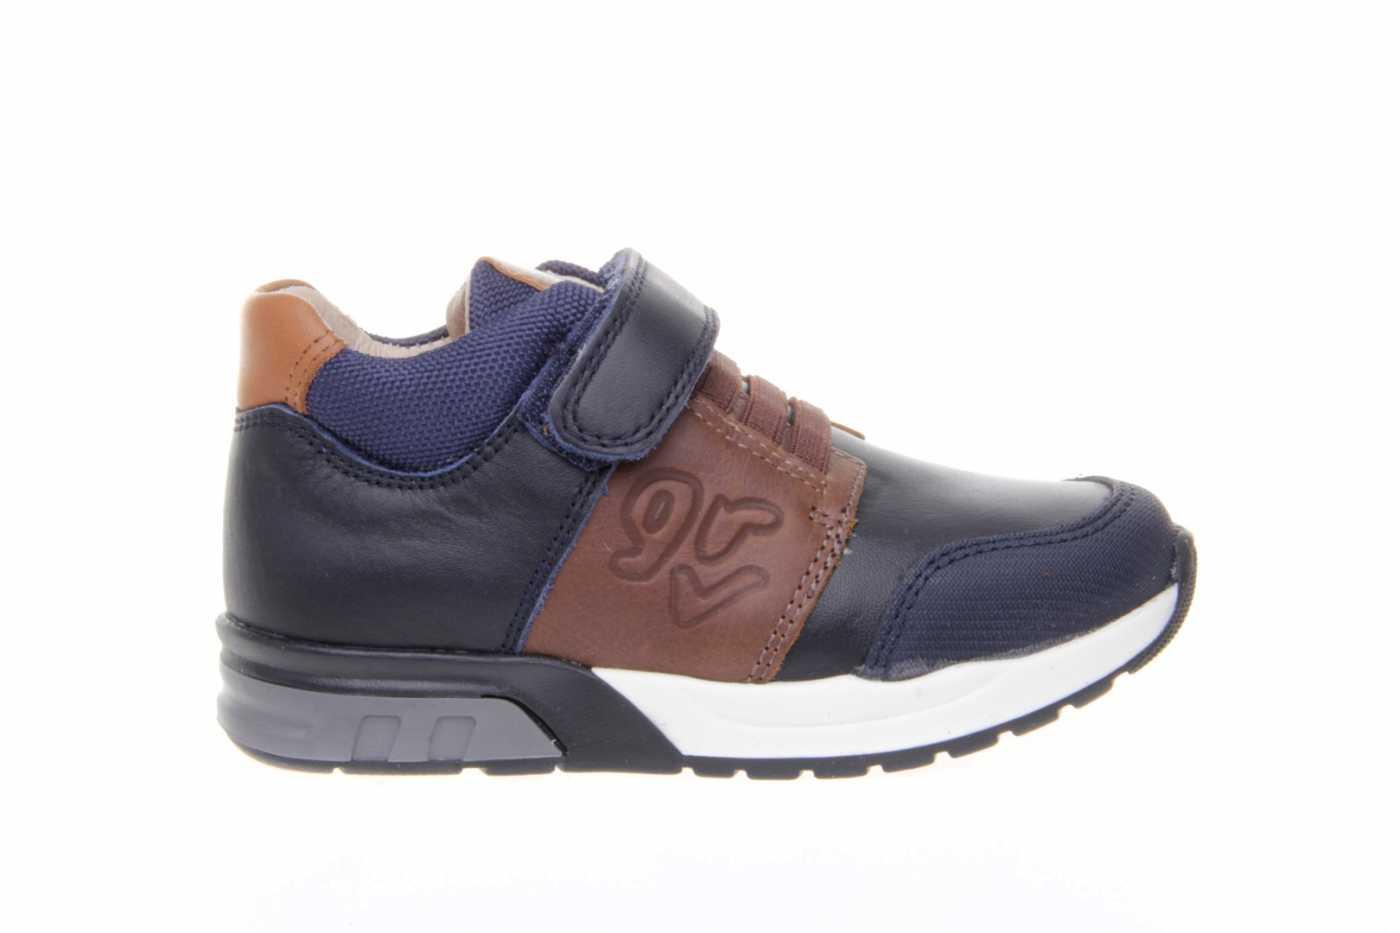 7a36195f0f5 Comprar zapato tipo JOVEN NIÑO estilo BOTAS COLOR AZUL PIEL ...